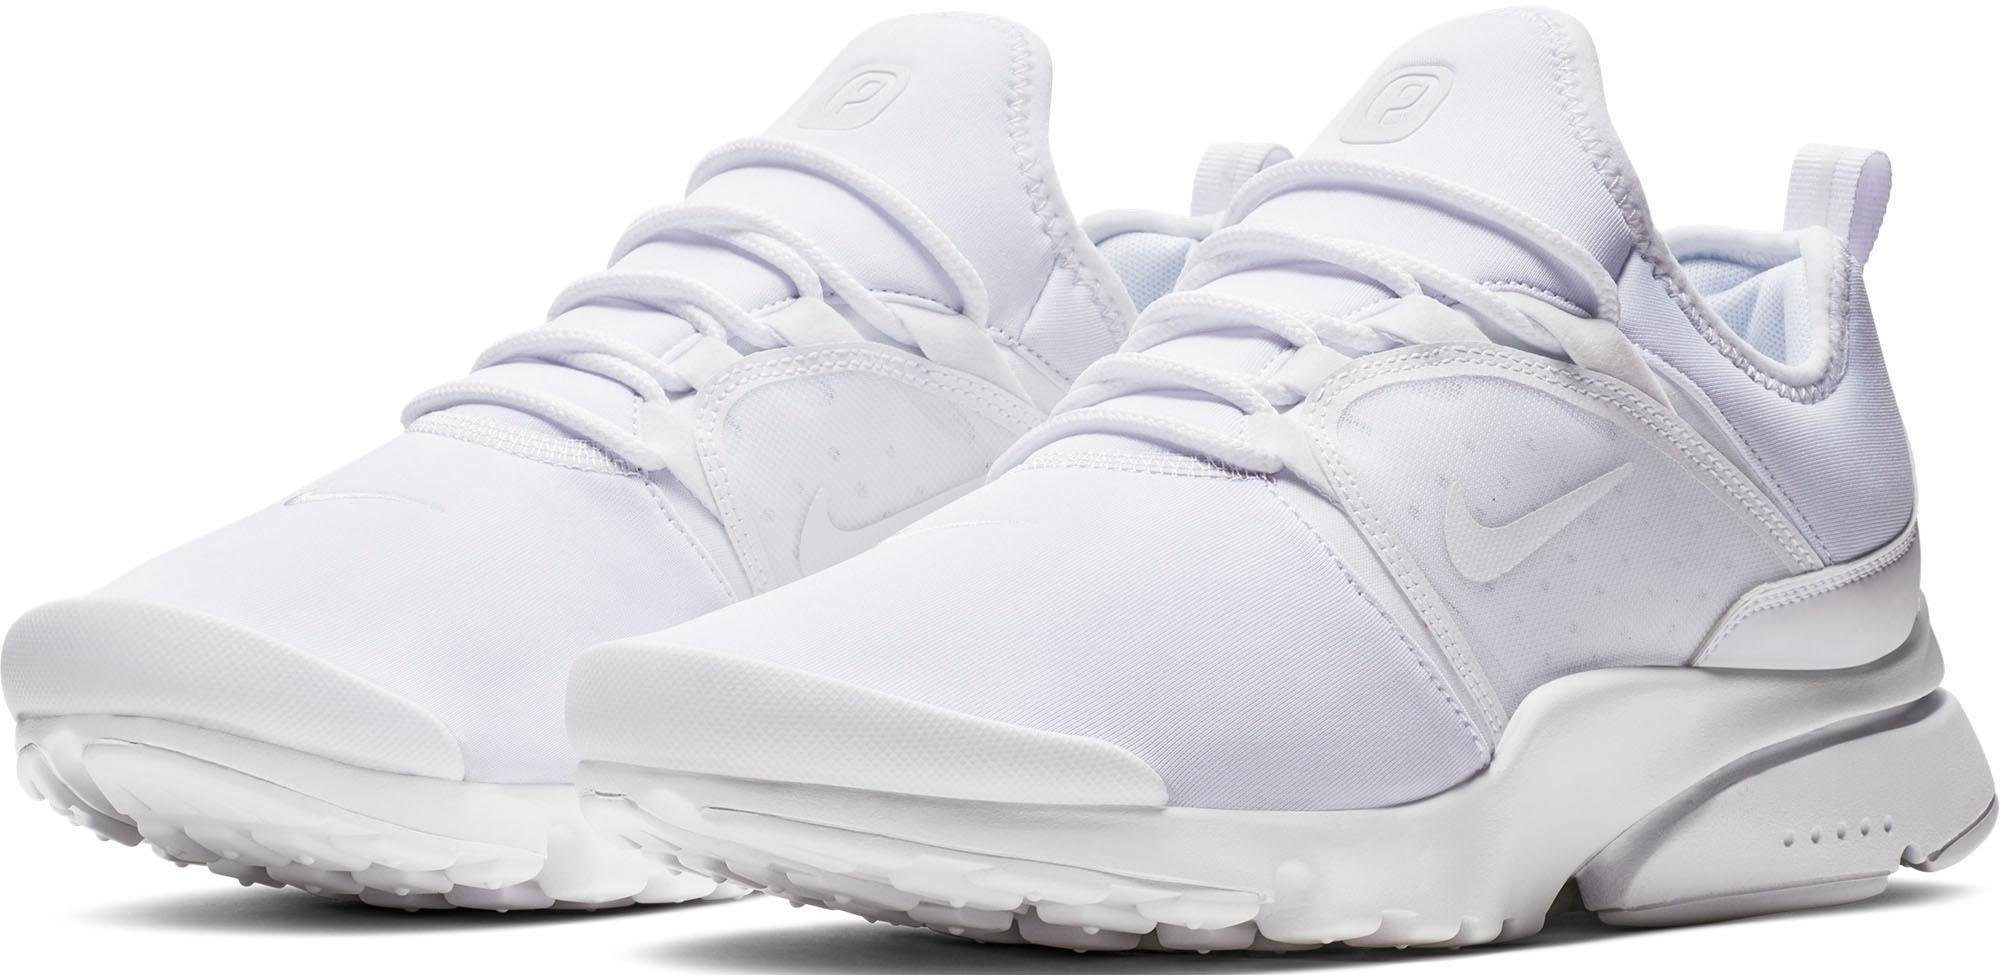 Nike Presto Fly ab € 71,90 (Preise von heute